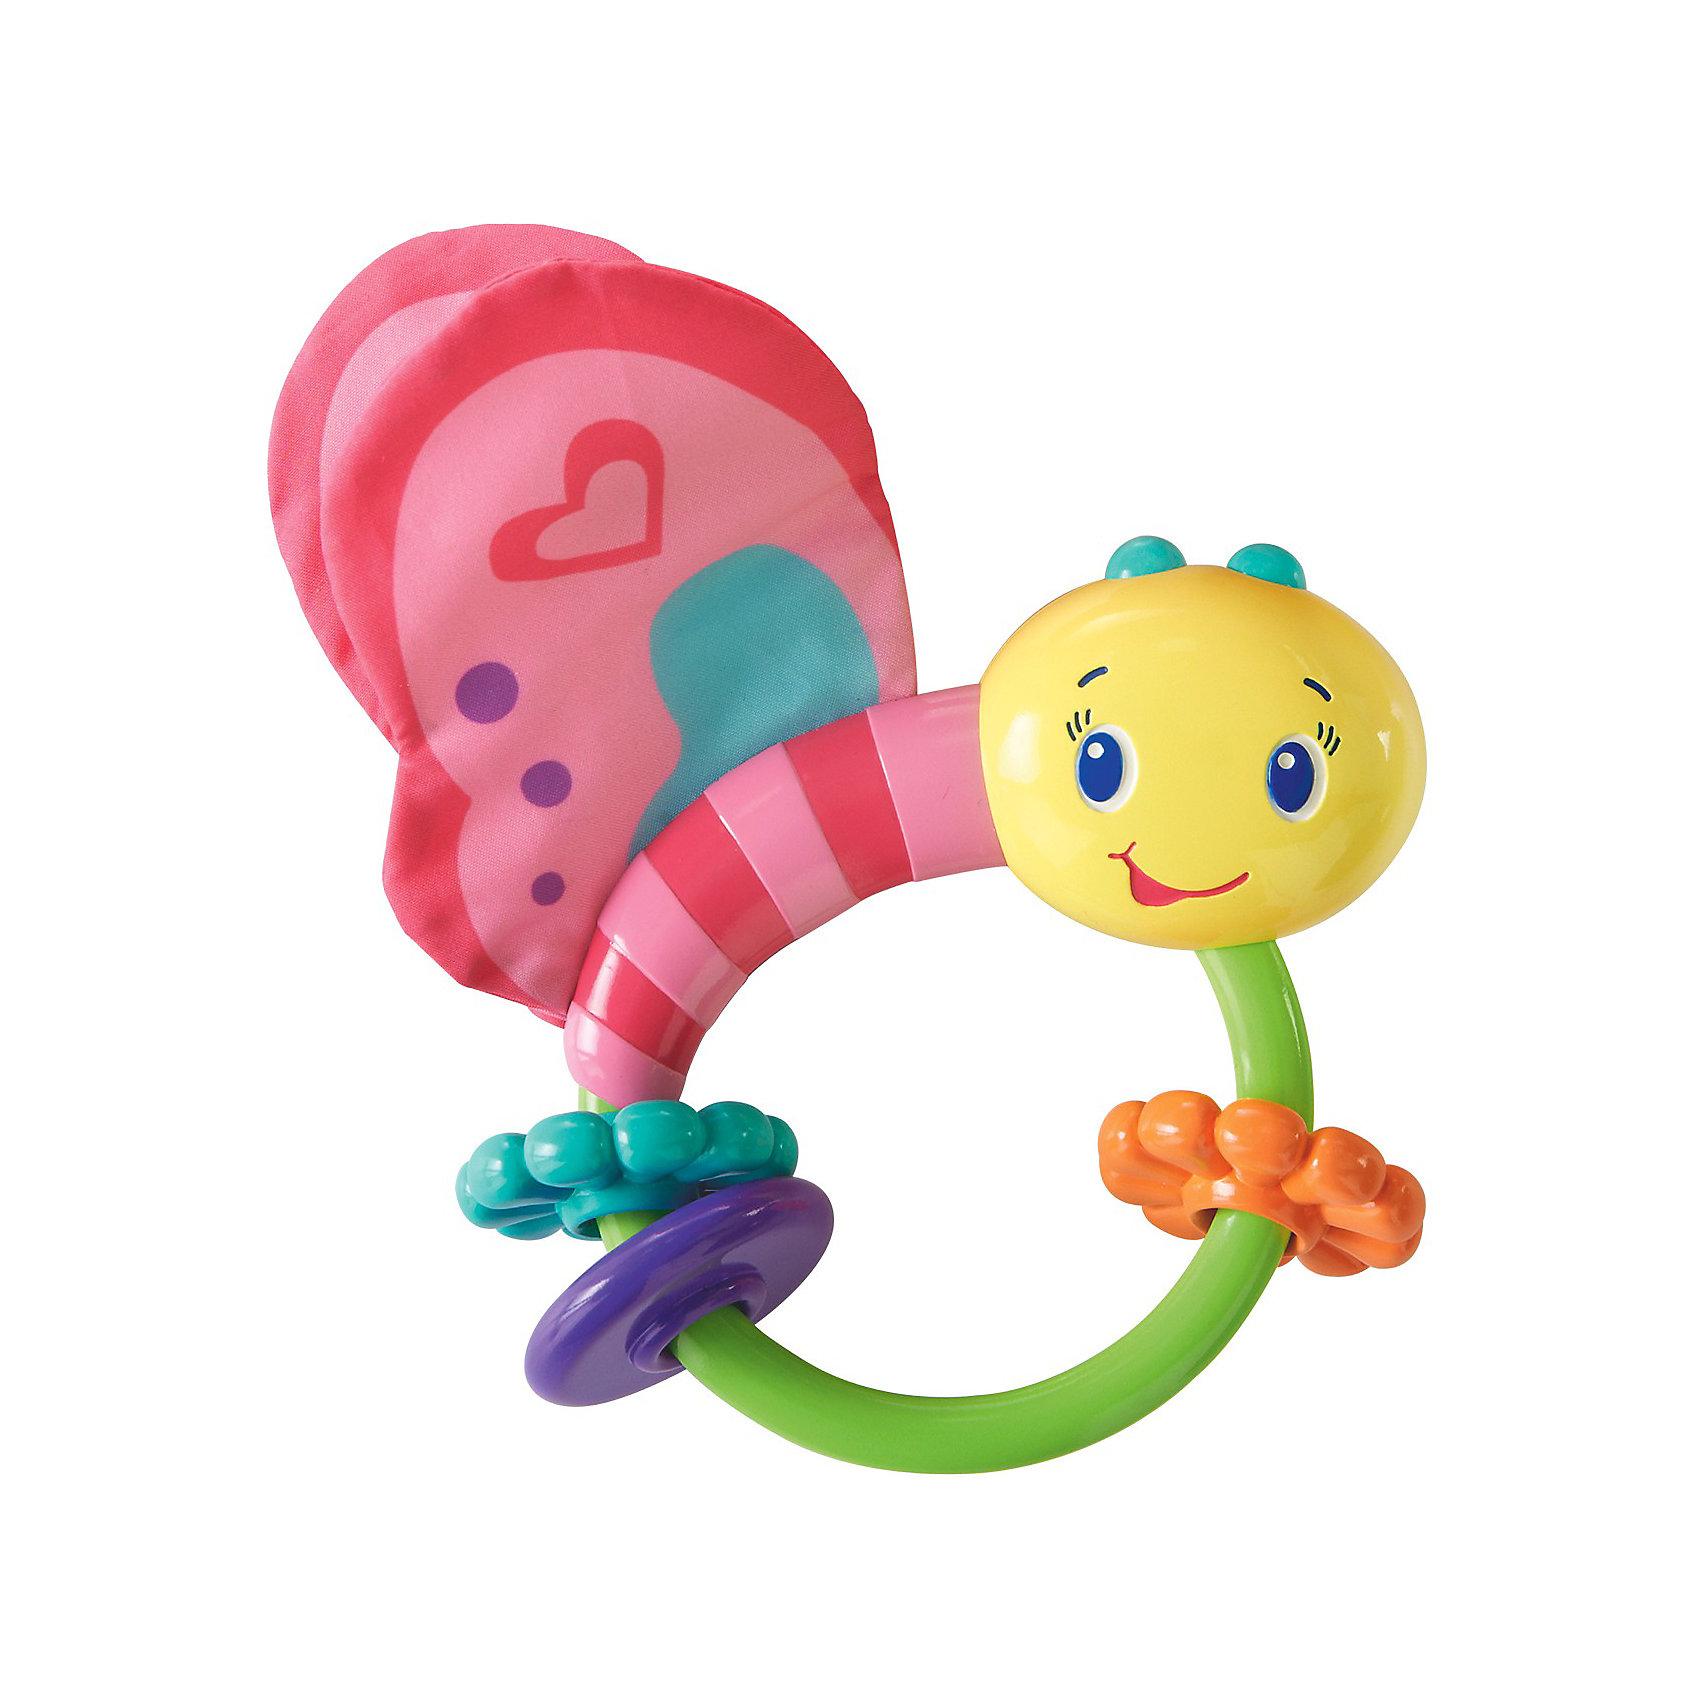 Погремушка Розовая бабочка, Bright StartsИгрушки для новорожденных<br>Яркая развивающая игрушка Розовая бабочка выполнена в виде забавной бабочки из современных, легких материалов разных цветов и фактур, абсолютно безопасных для ребенка. <br><br>Игрушка содержит в себе развивающие элементы: два шуршащих крылышка, три цветных рельефных колечка, два из которых выполнены в виде цветочка и удобную ручку, комфортную для маленькой ручки малыша. Внутри игрушки расположены маленькие шарики, гремящие при тряске. <br><br>Развивающая игрушка Розовая бабочка способствует развитию цветовосприятия, звуковосприятия и мелкой моторики рук.<br><br>Дополнительная информация:<br><br>- материал: легкие материалы разных цветов и фактур<br>- размер игрушки: 12 x 13 x 3 см.<br><br>ПогремушкуРозовая бабочка можно купить в нашем интернет магазине.<br><br>Ширина мм: 140<br>Глубина мм: 165<br>Высота мм: 40<br>Вес г: 95<br>Возраст от месяцев: 0<br>Возраст до месяцев: 12<br>Пол: Женский<br>Возраст: Детский<br>SKU: 3345339